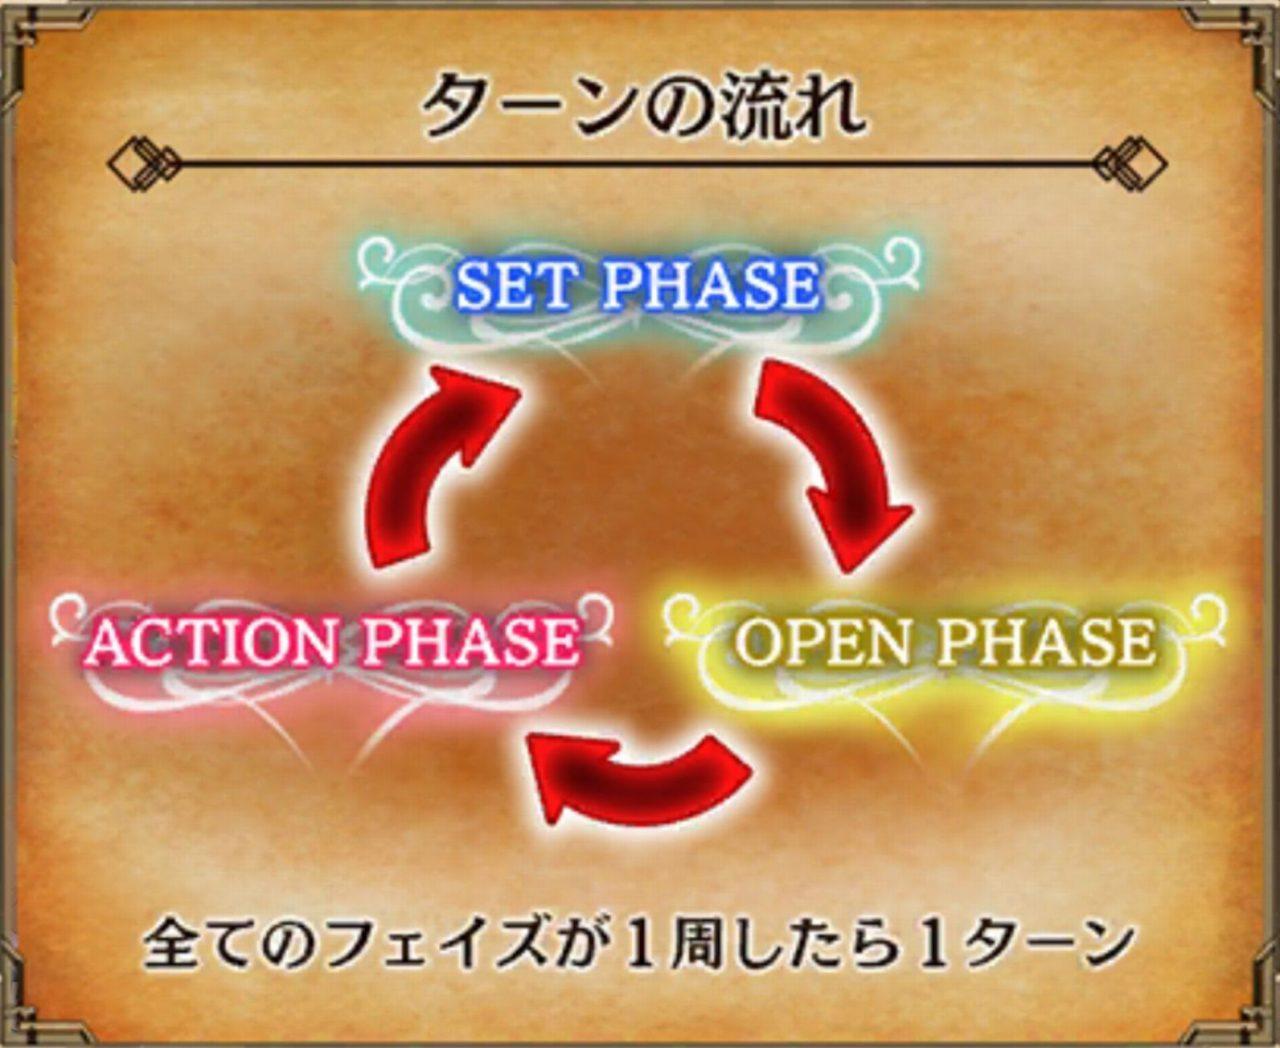 アルテイルNEO【攻略】: オープンスキルが超重要!スキル徹底解説